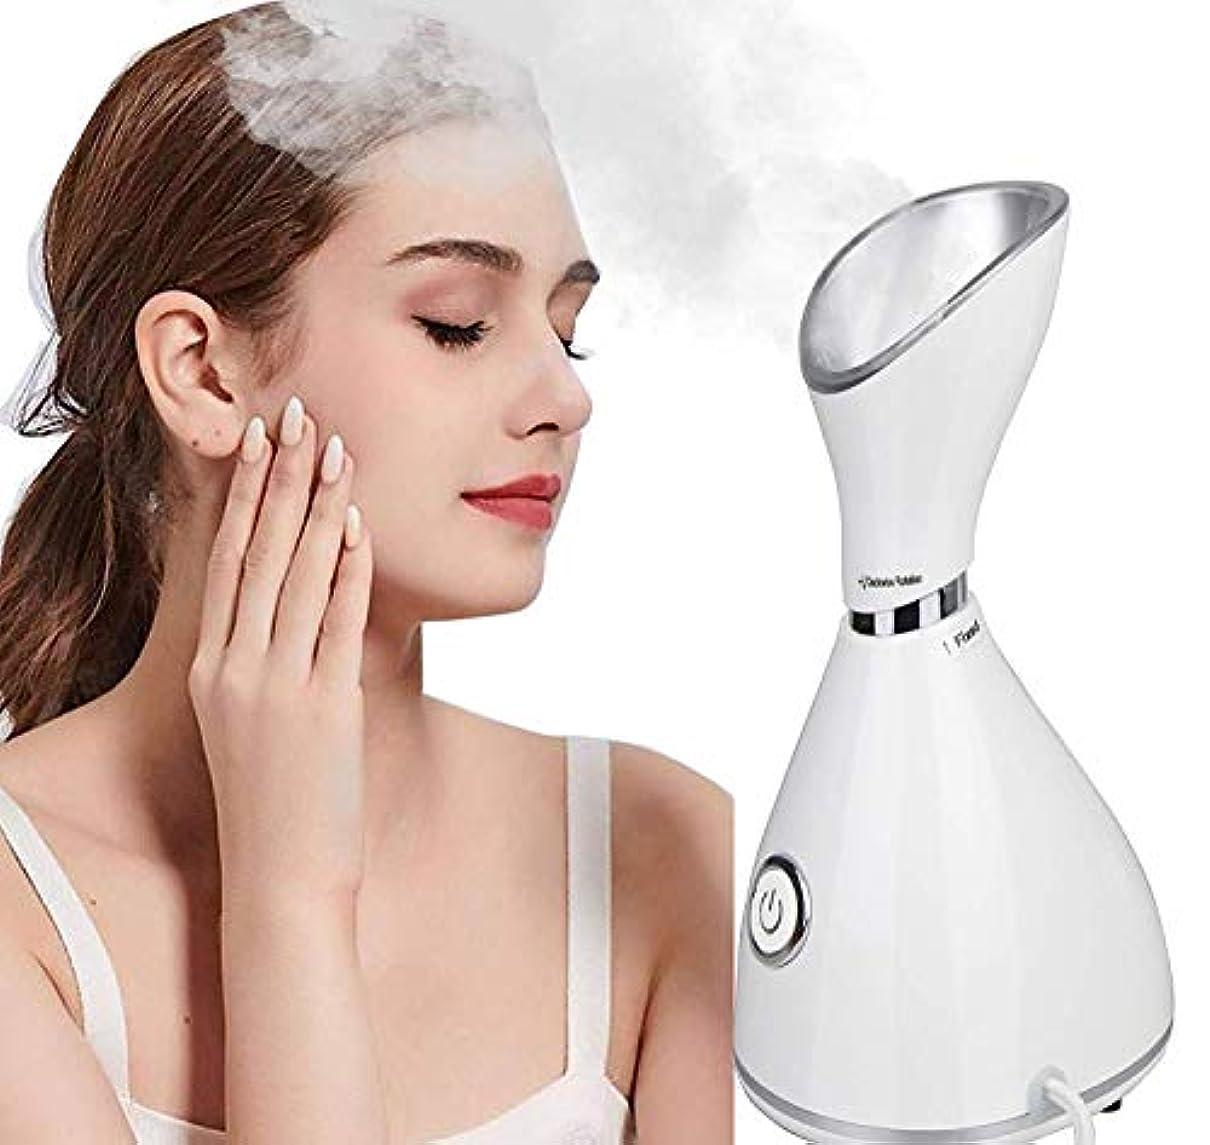 好きであるおいしい最大限顔の蒸気の保湿のナノイオン噴霧器の水和の熱い霧、お肌のクリーニング、加湿器用スチームマスク、取り外し 予防、ホームサロンサウナスパパーソナルボディスキンケア美容 Facial Steamer Moisturizing Hydrating Face Cleanse Humidifier